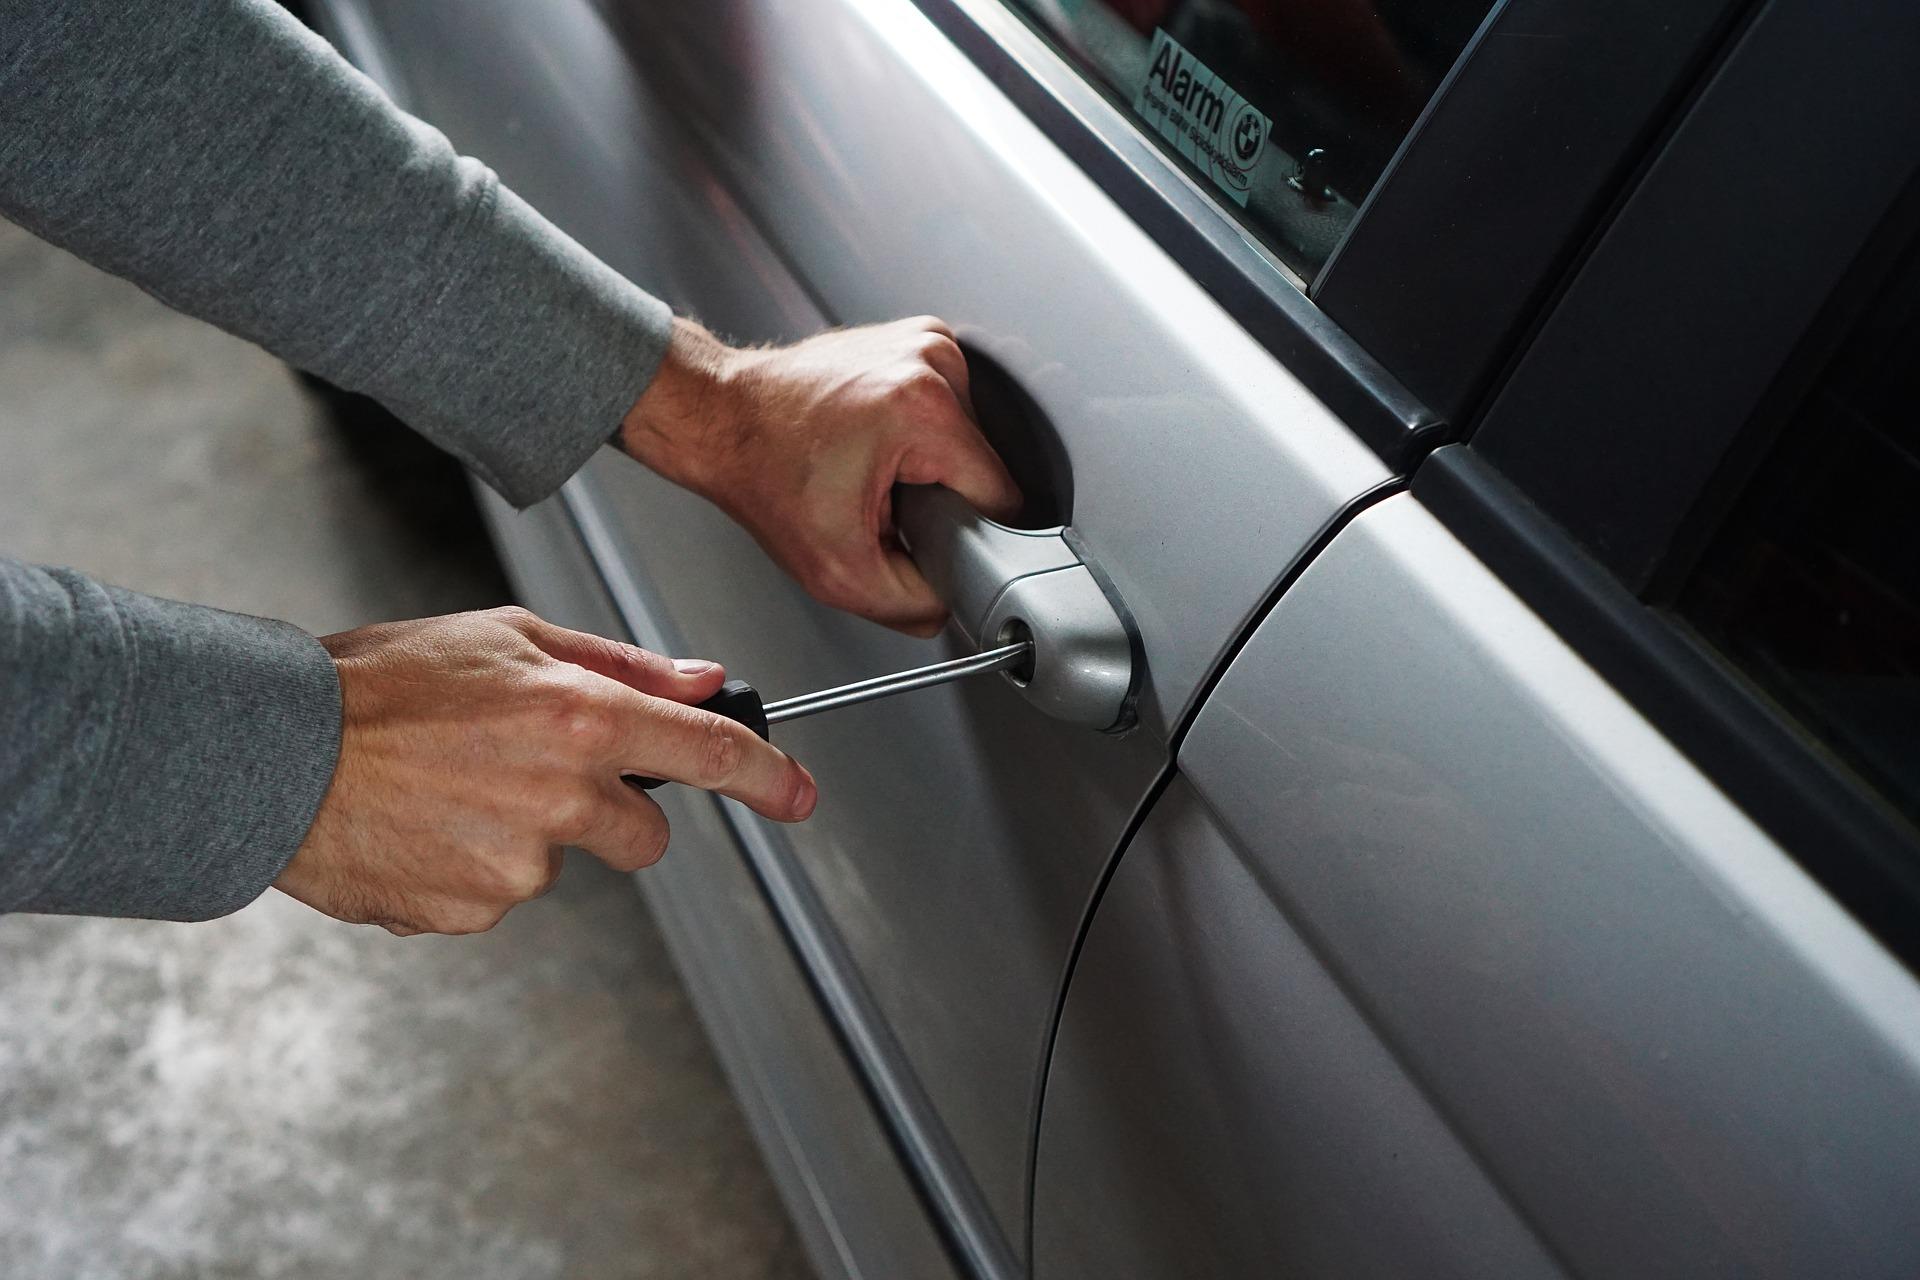 Как защитить автомобиль отворов: 5 лучших противоугонных технологий